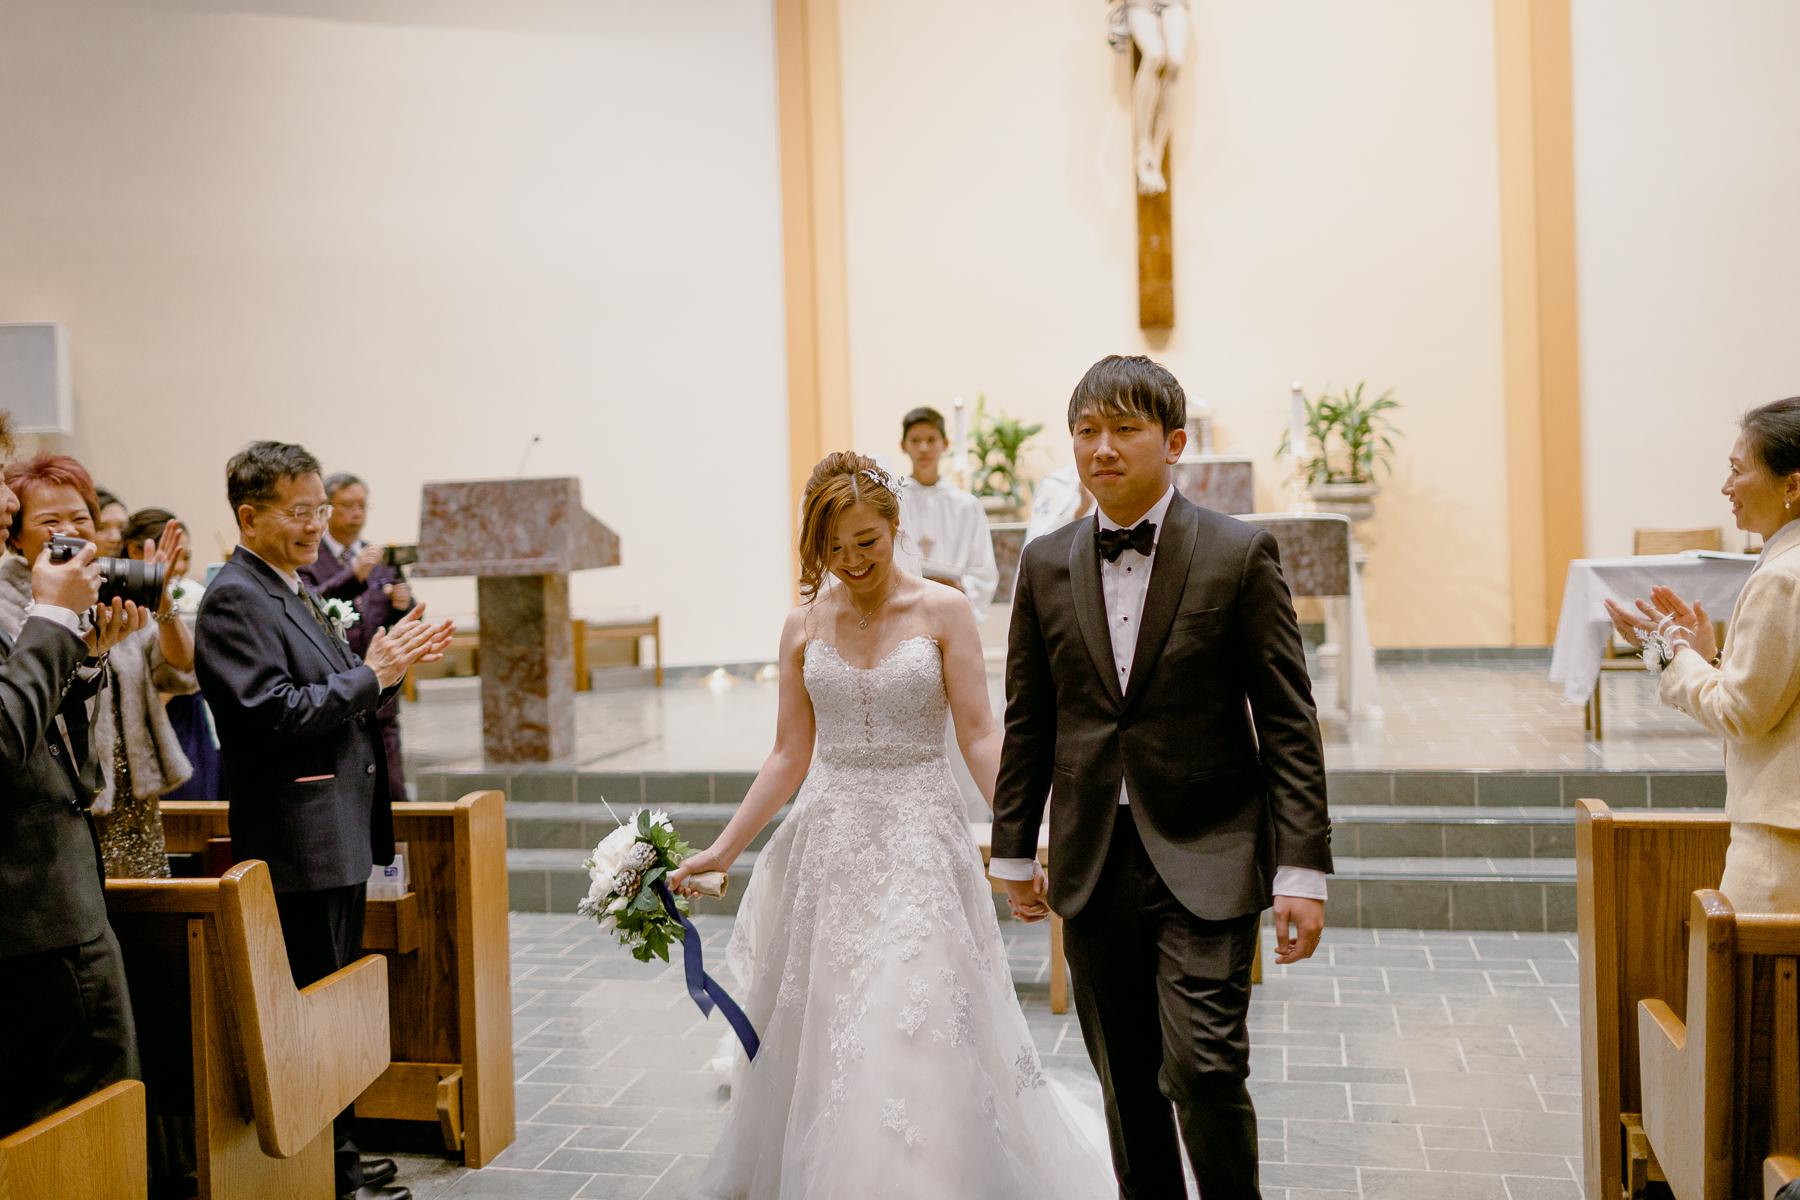 markham-wedding-photography-markham-museum-wedding 0050.jpg